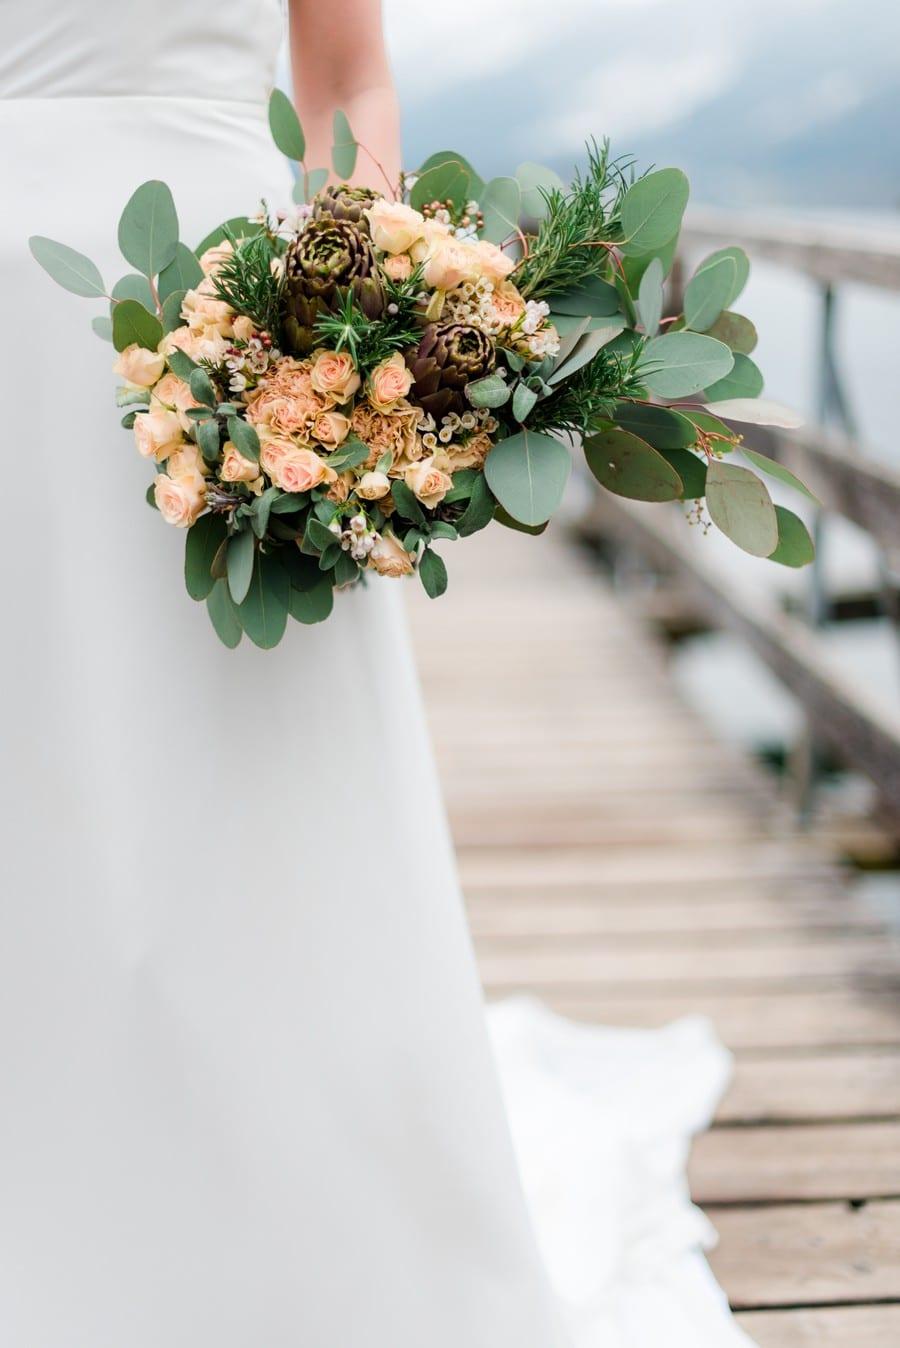 Ein natürlich-winterlicher Brautstrauß in Blassrosa, Peach und Grün, mit Artischocken und Eukalyptus-Blättern